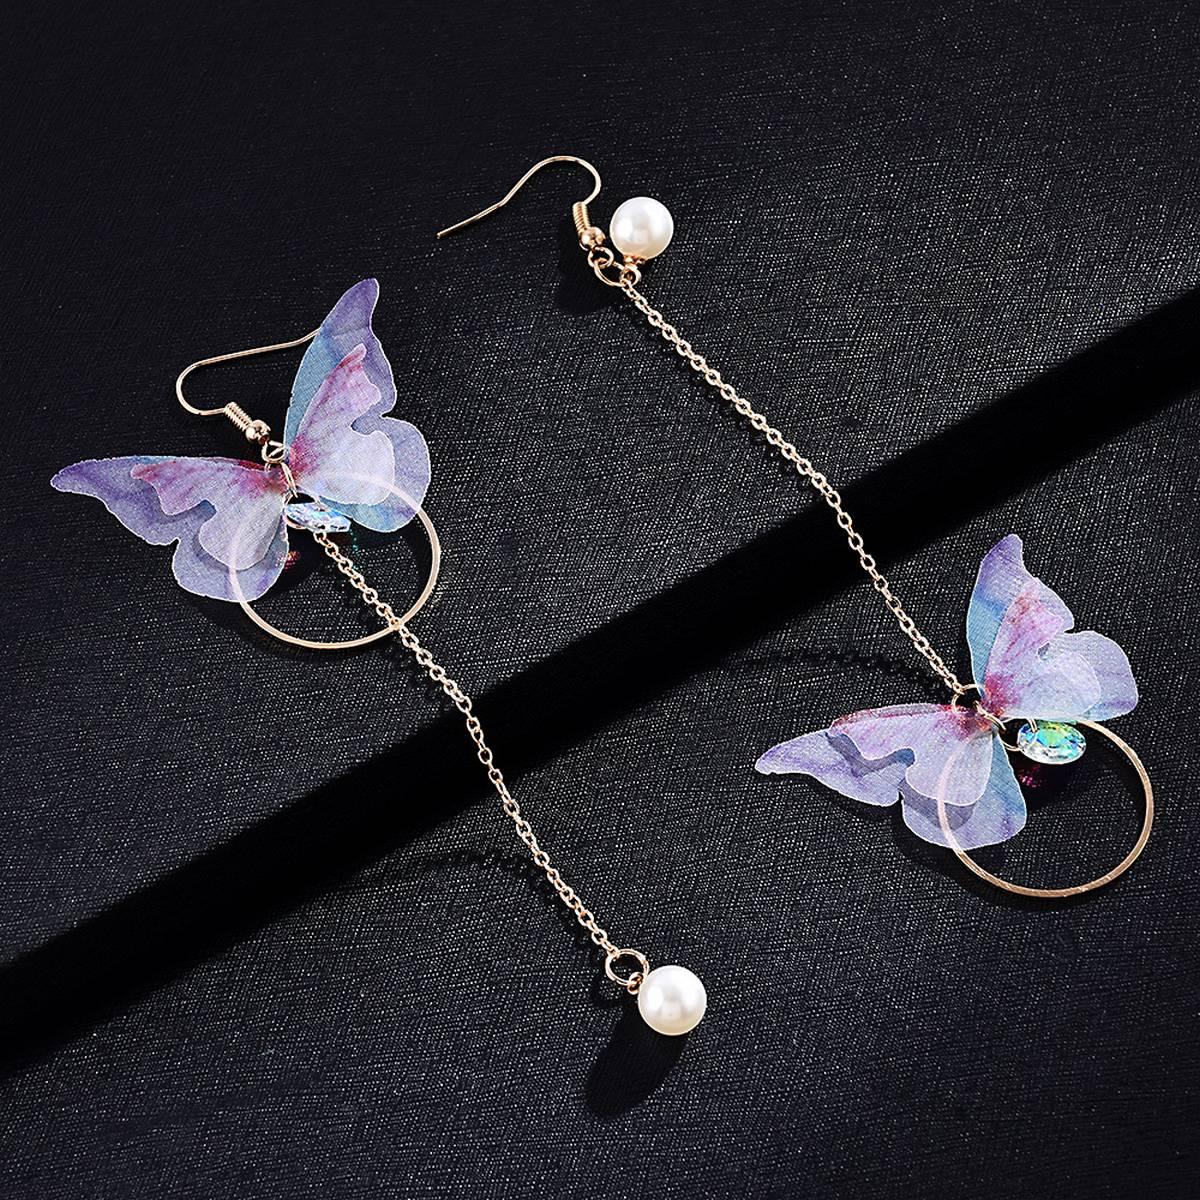 IK Fashion  - Asymmetry Butterfly Pearl Earrings for Women Long Bow-knot Circle Bead Tassel Bohemian Earring Female Fashion Jewelry Lady Gift